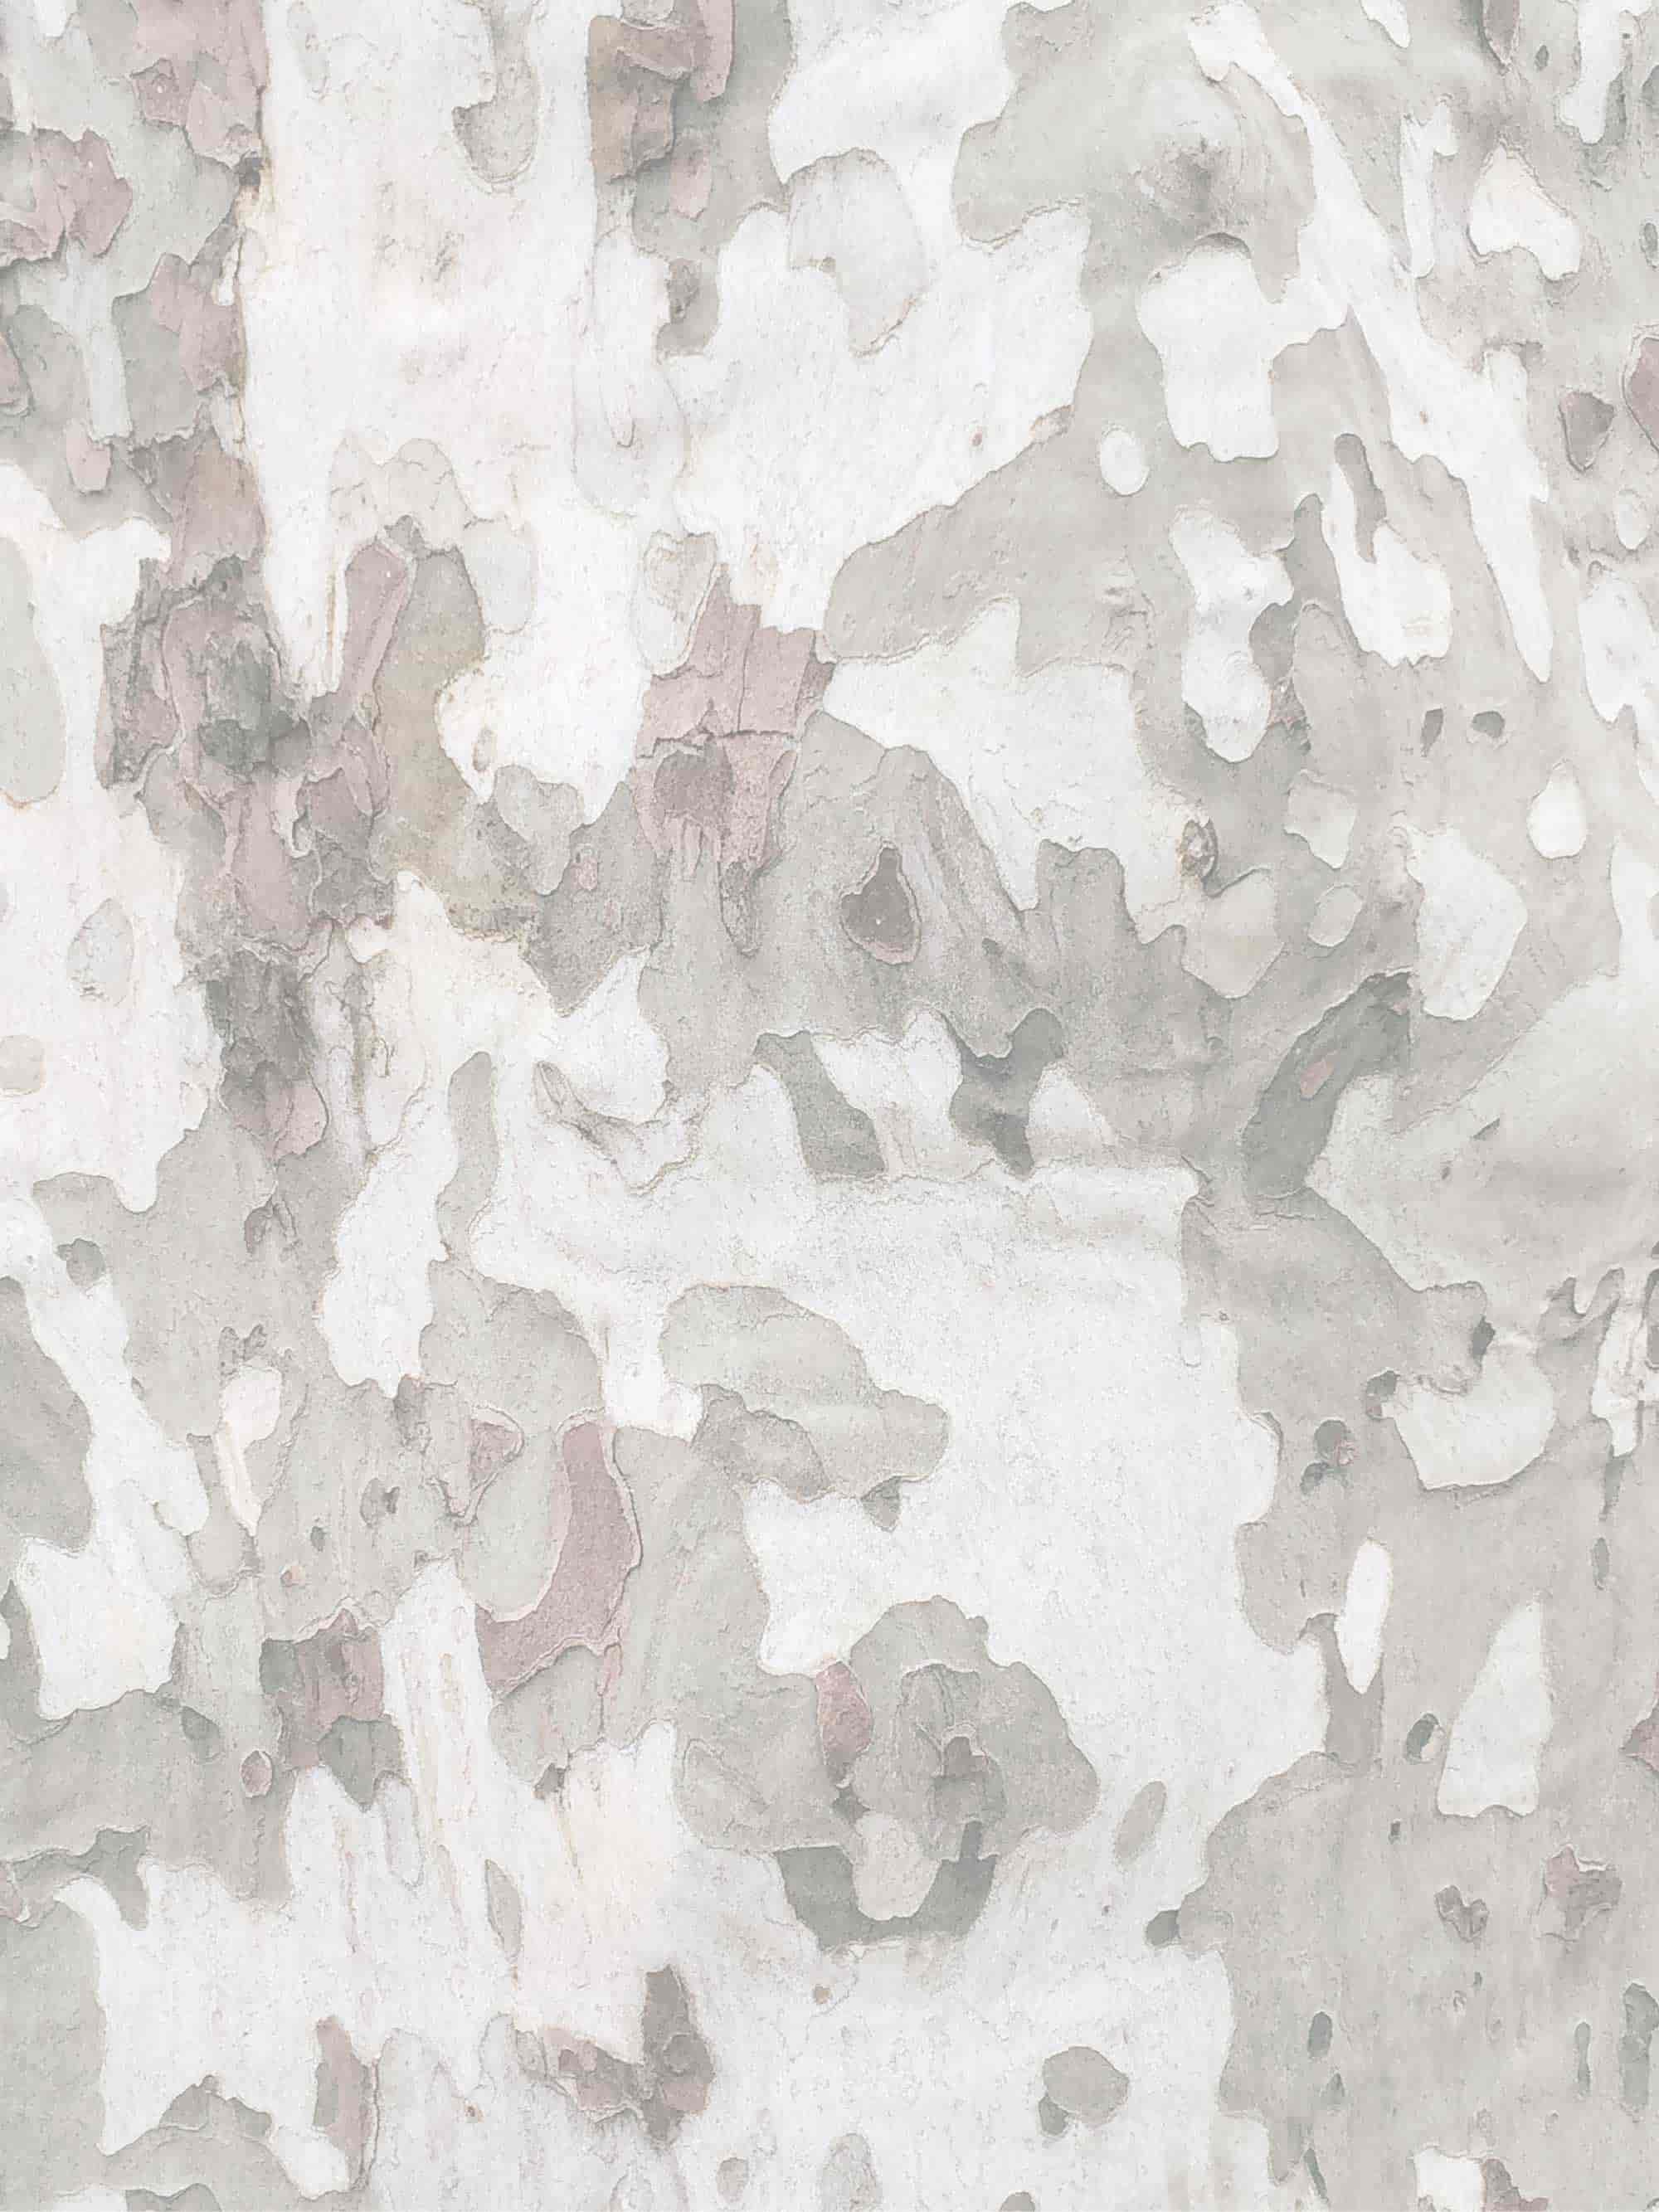 3x4-image-9-half-color.jpg